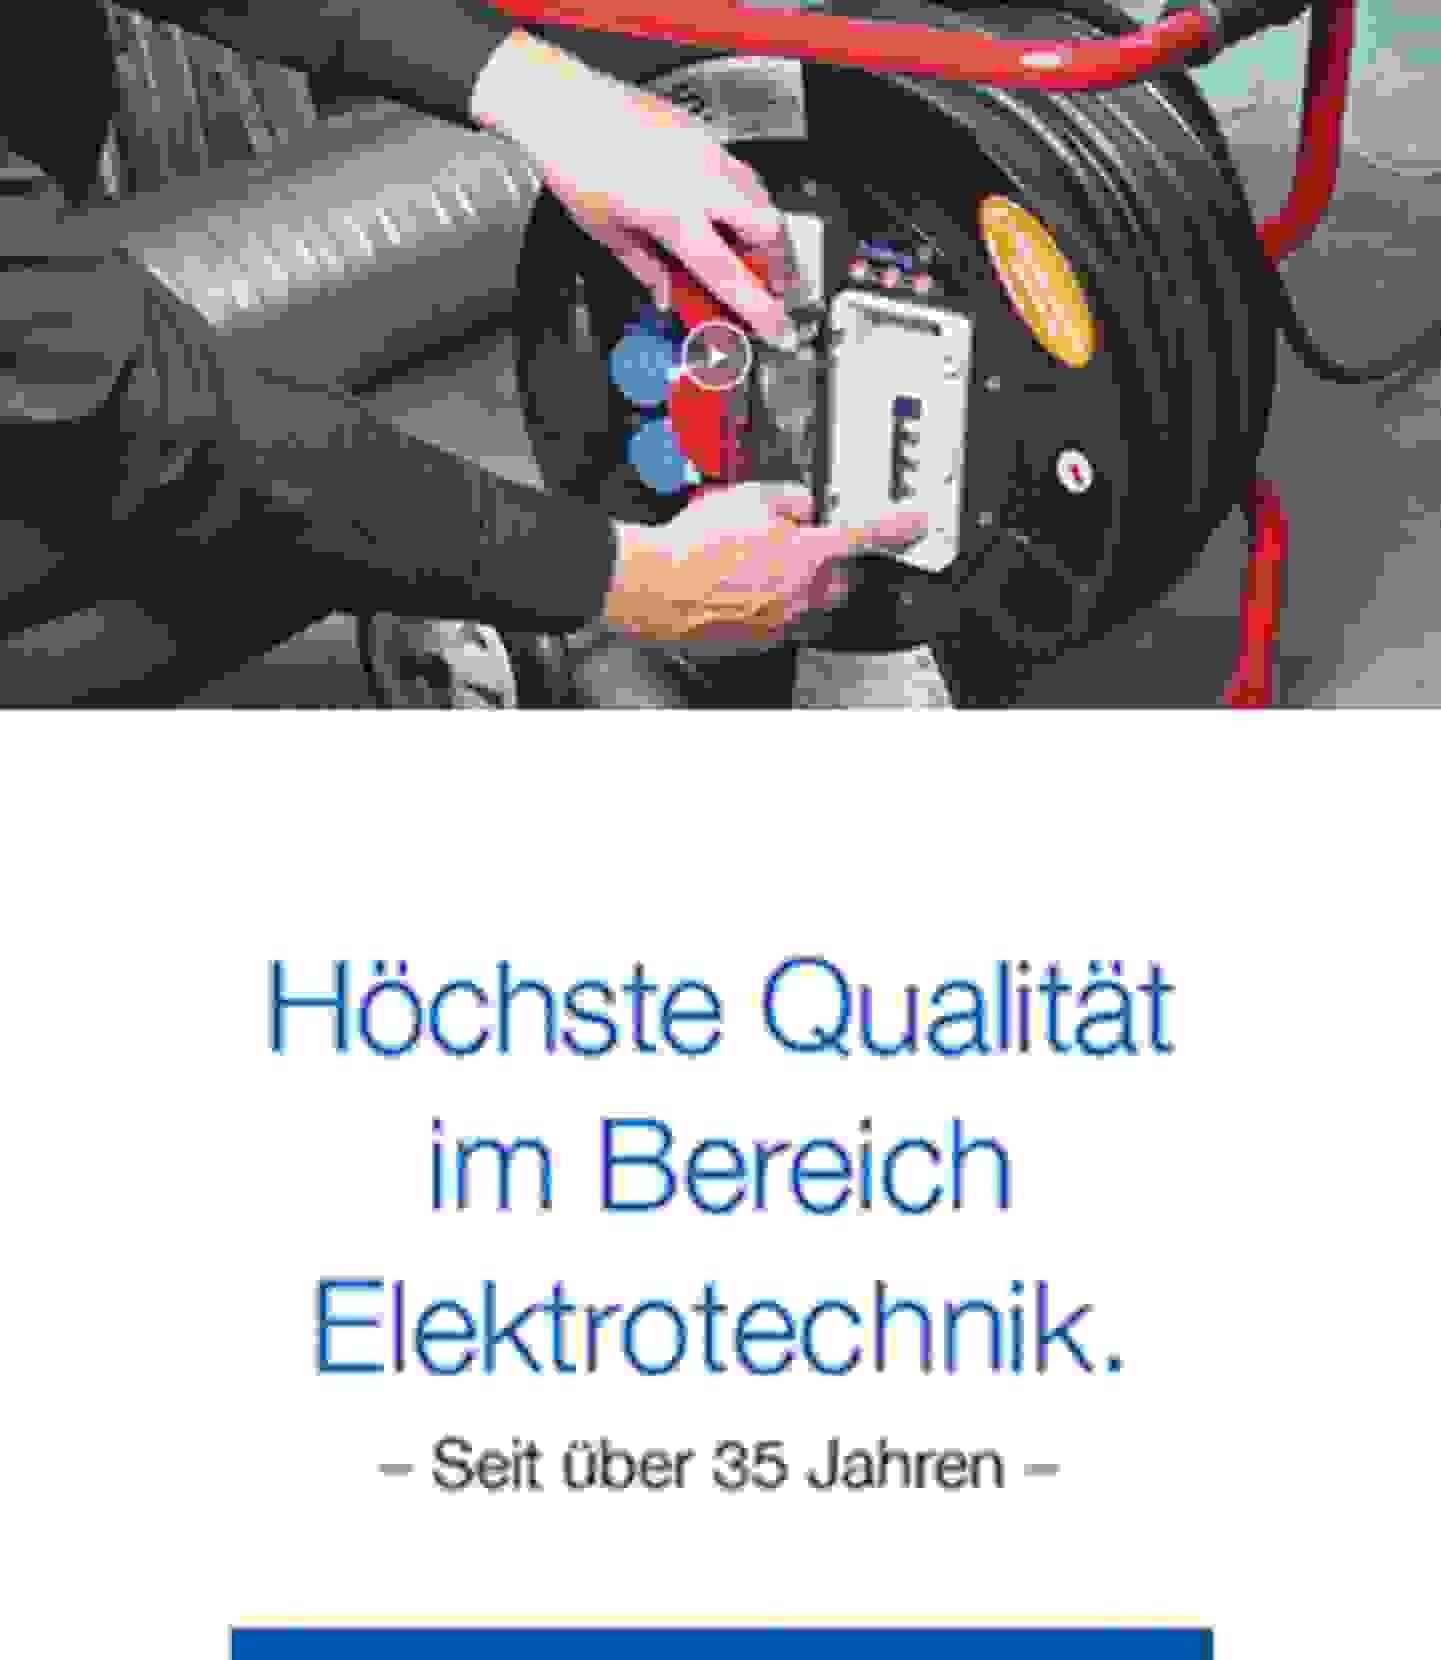 Höchste Qualität im Bereich Elektrotechnik